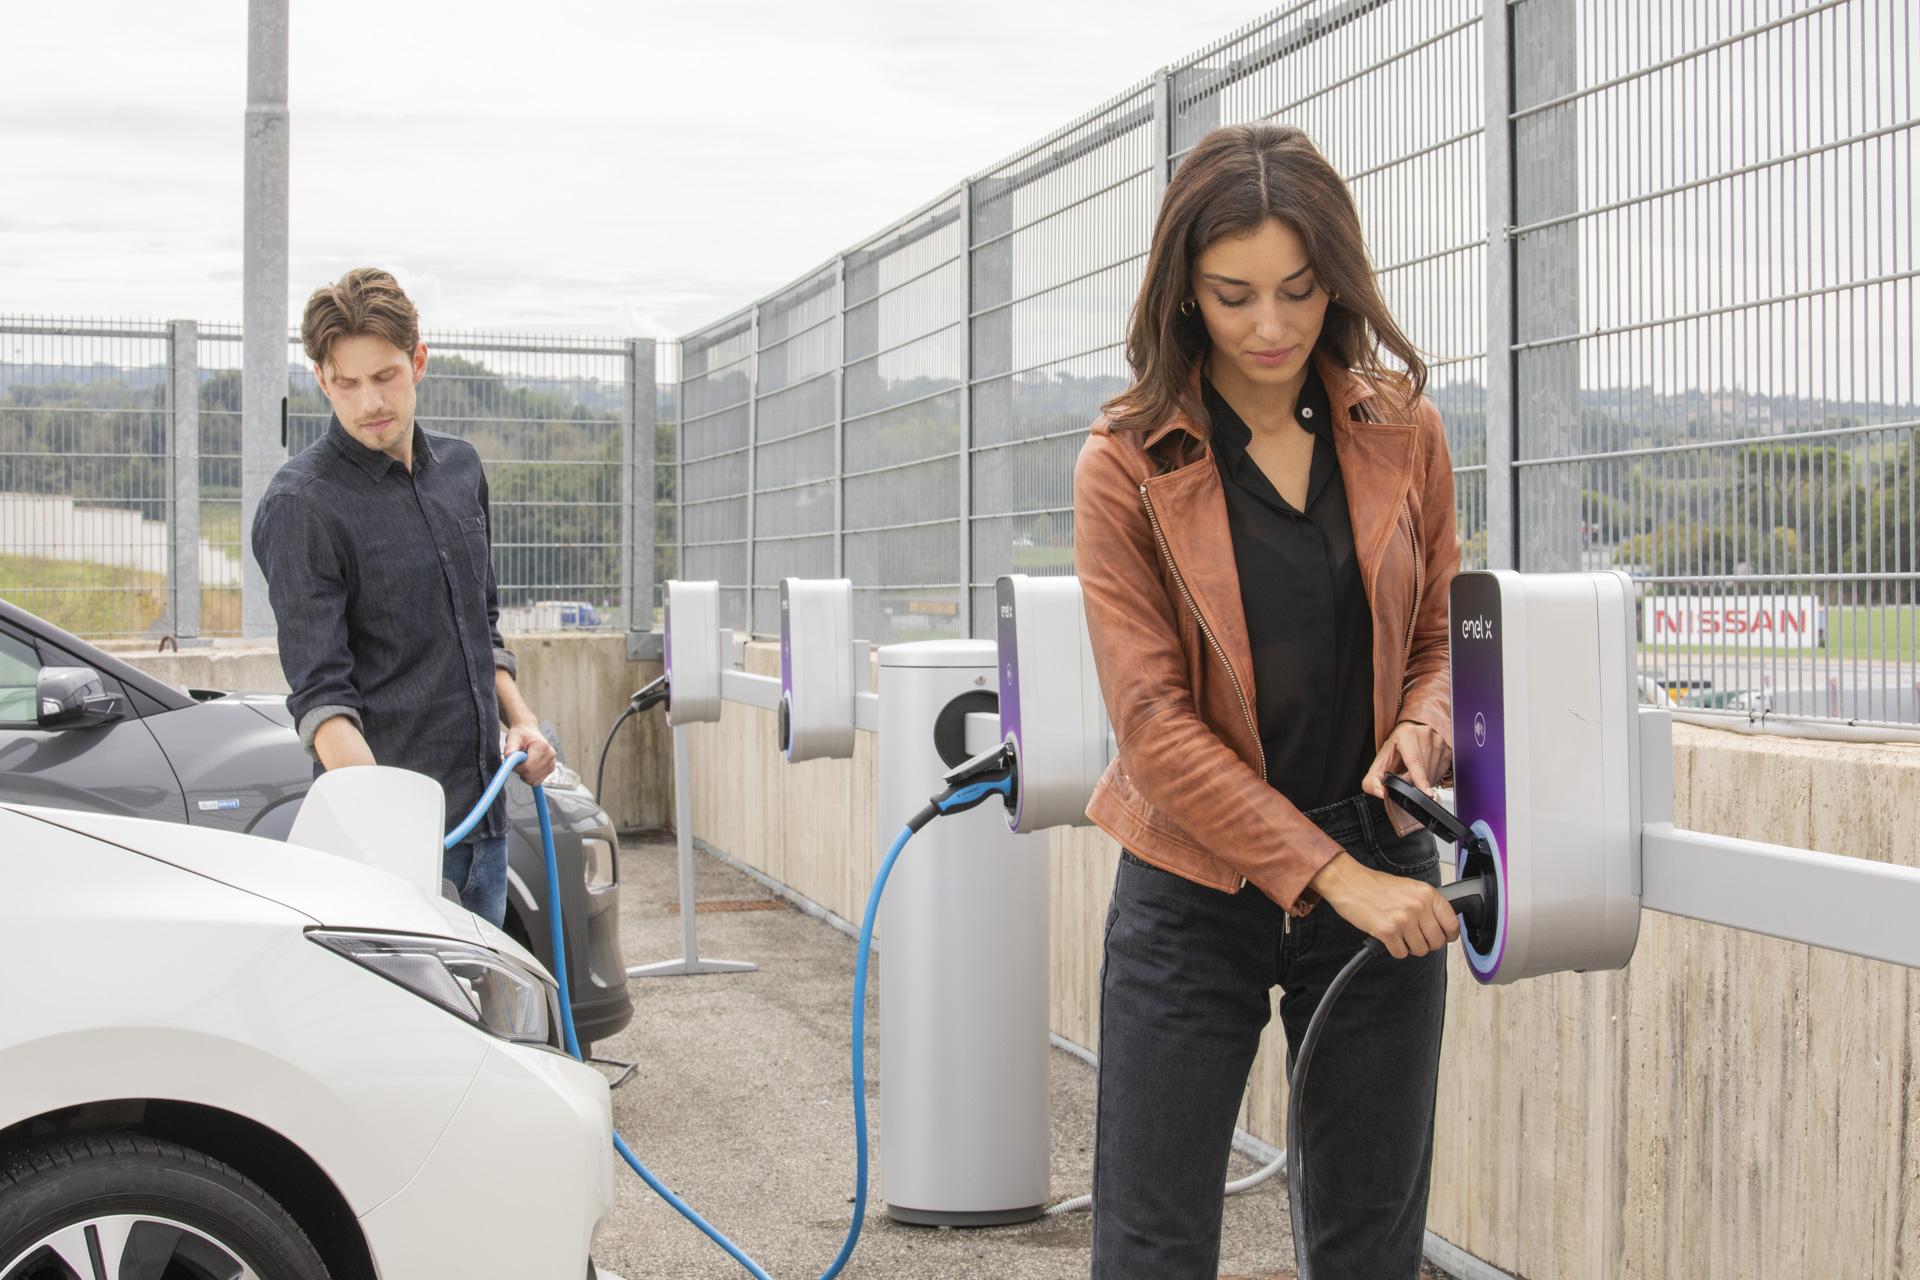 Enel a prezentat un nou concept de staţii de încărcare electrice smart cu care va împânzi Italia. Are în plan instalarea a 14.000 de staţii până în 2022. Le va aduce şi în România